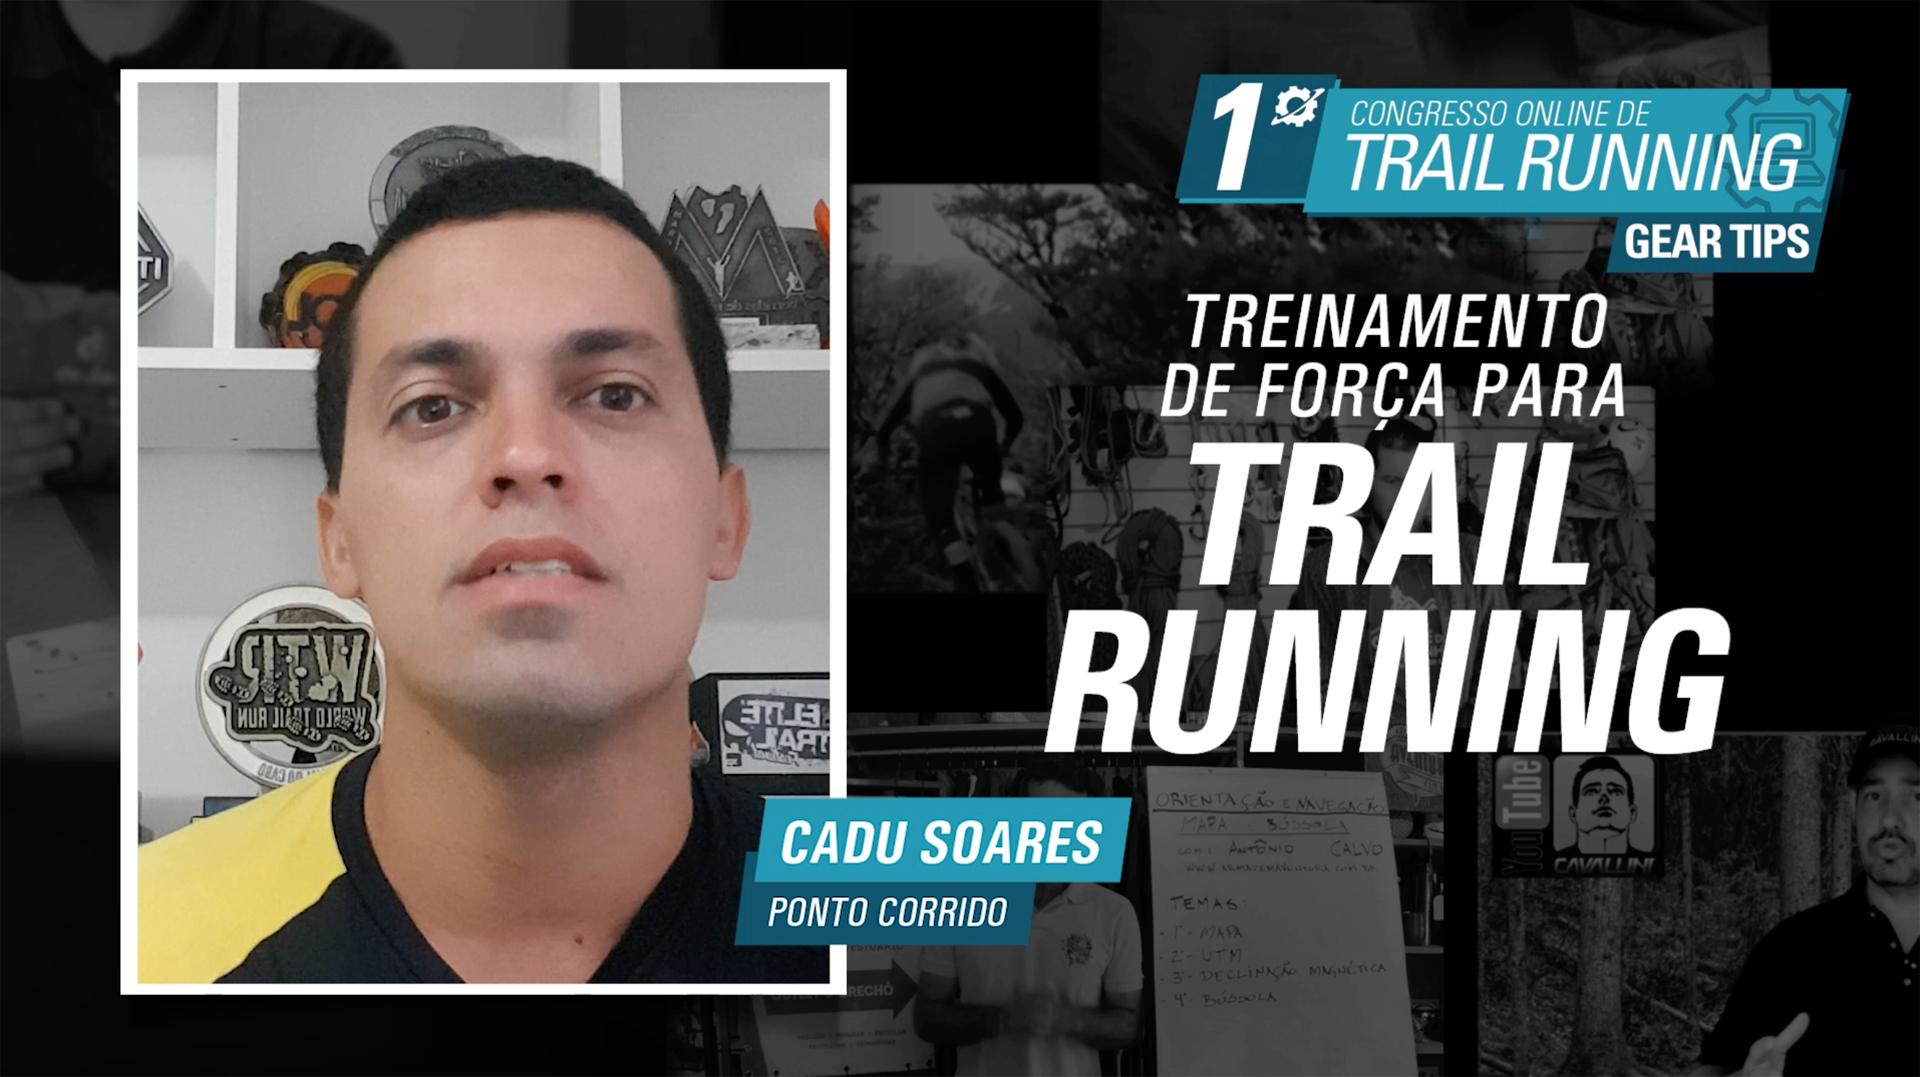 Treinamento de força para Trail Running - Cadu Soares